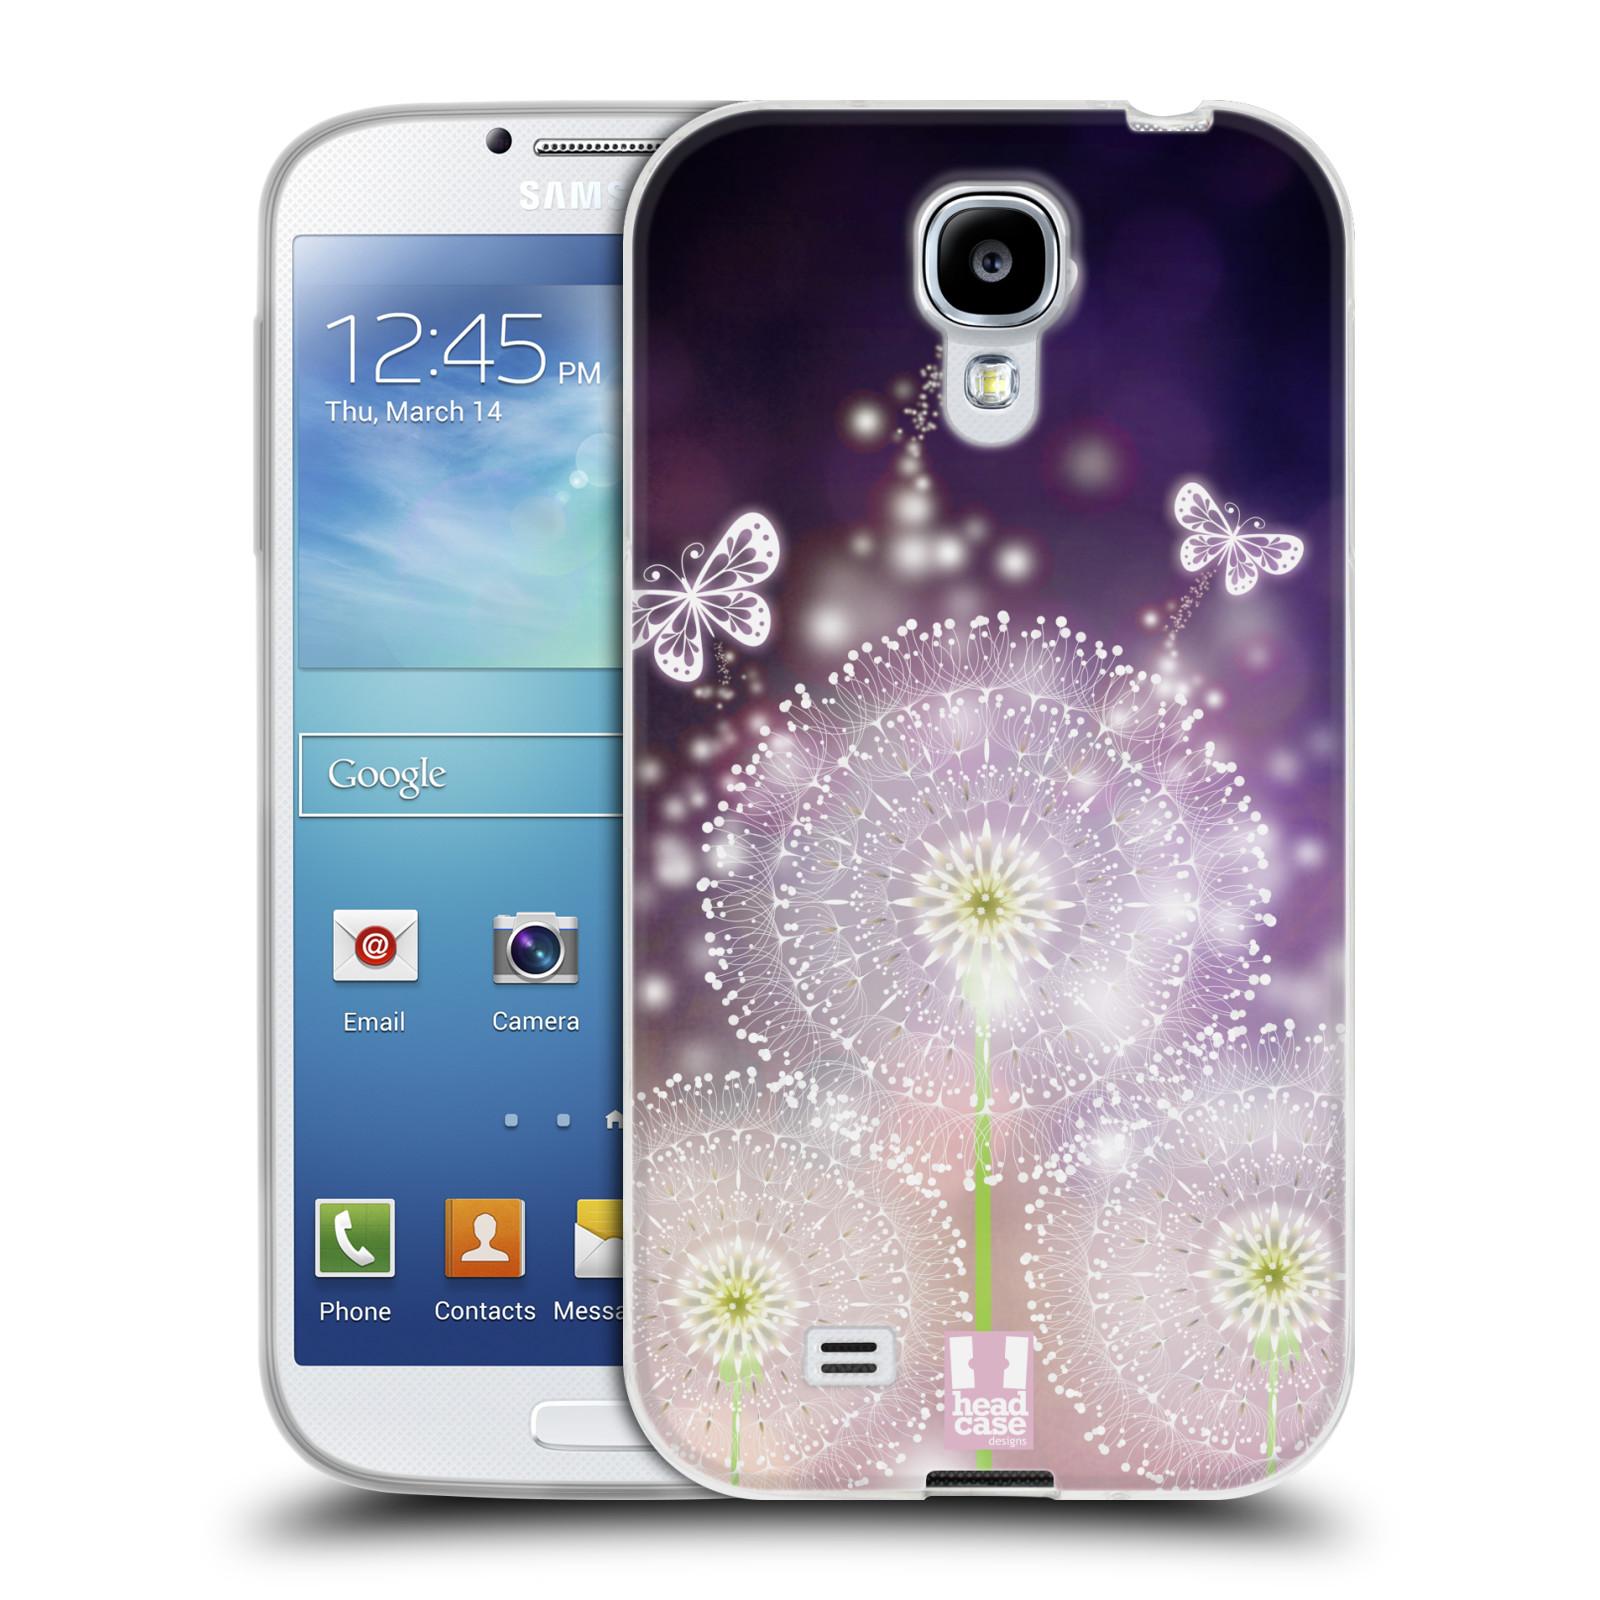 Silikonové pouzdro na mobil Samsung Galaxy S4 HEAD CASE Pampelišky a Motýlci (Silikonový kryt či obal na mobilní telefon Samsung Galaxy S4 GT-i9505 / i9500)